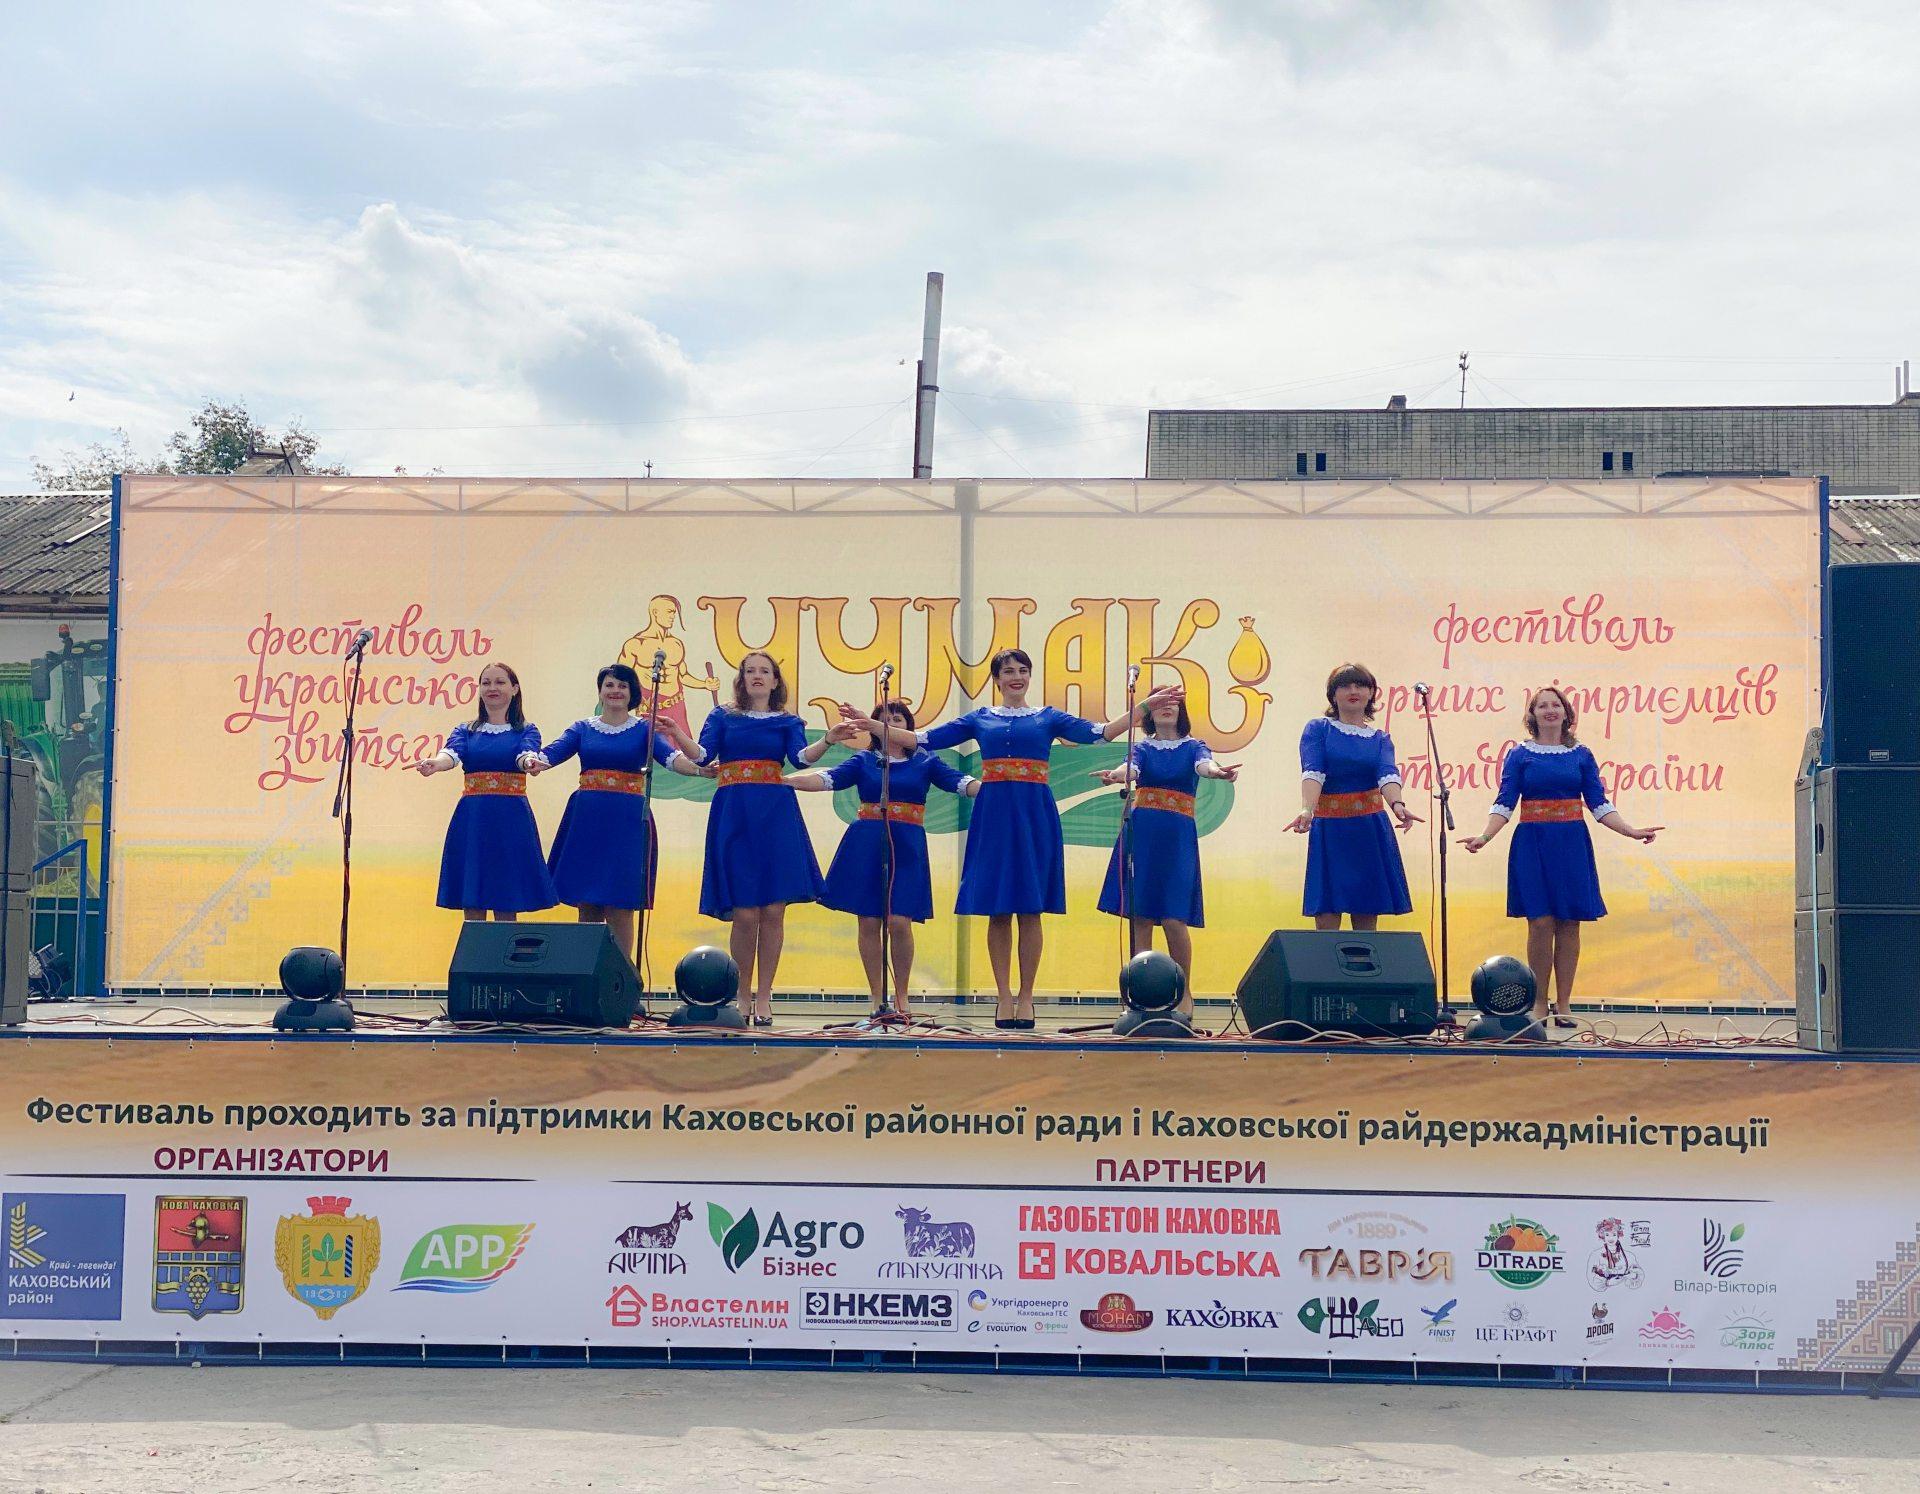 Херсонщина, фестиваль, Хвостов